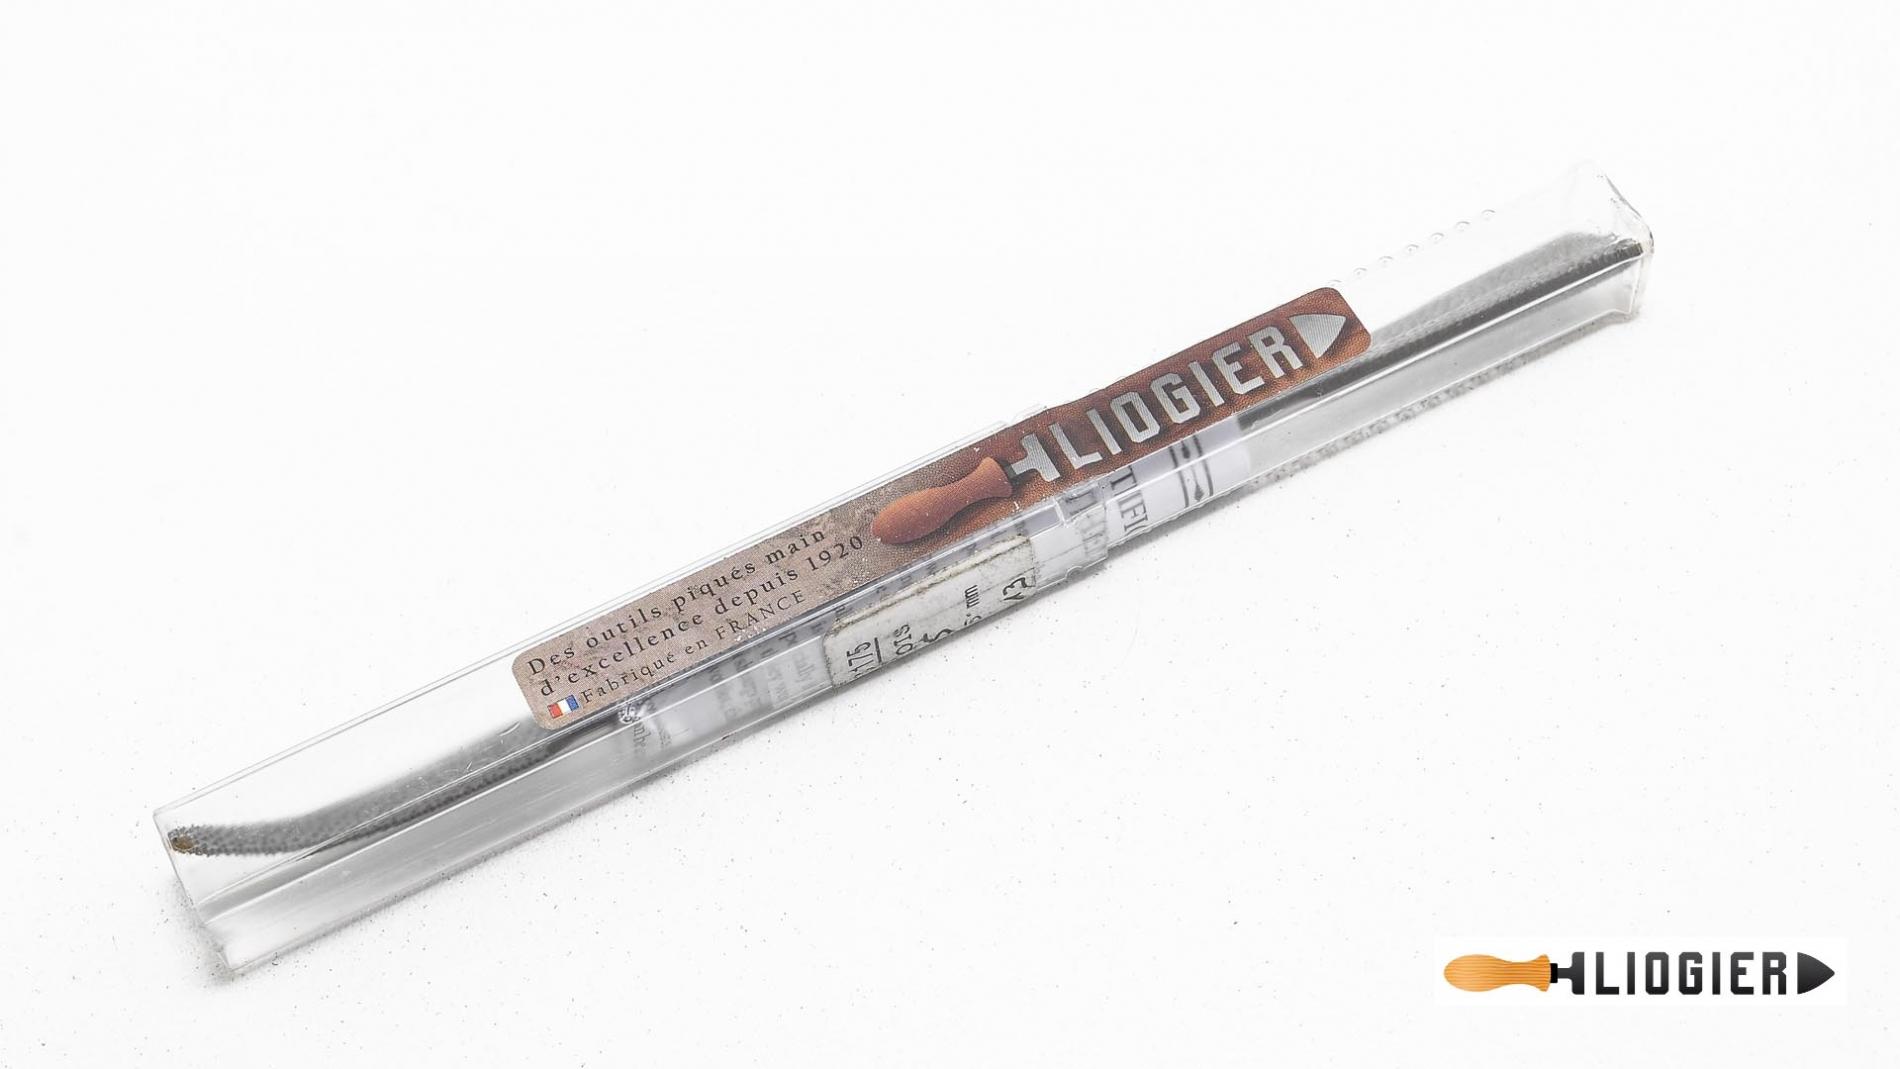 L175-5-13-Escofina de codillo #5 brocha y rhombus 175mm pique 13 Liogier L175-5-13-max-10.